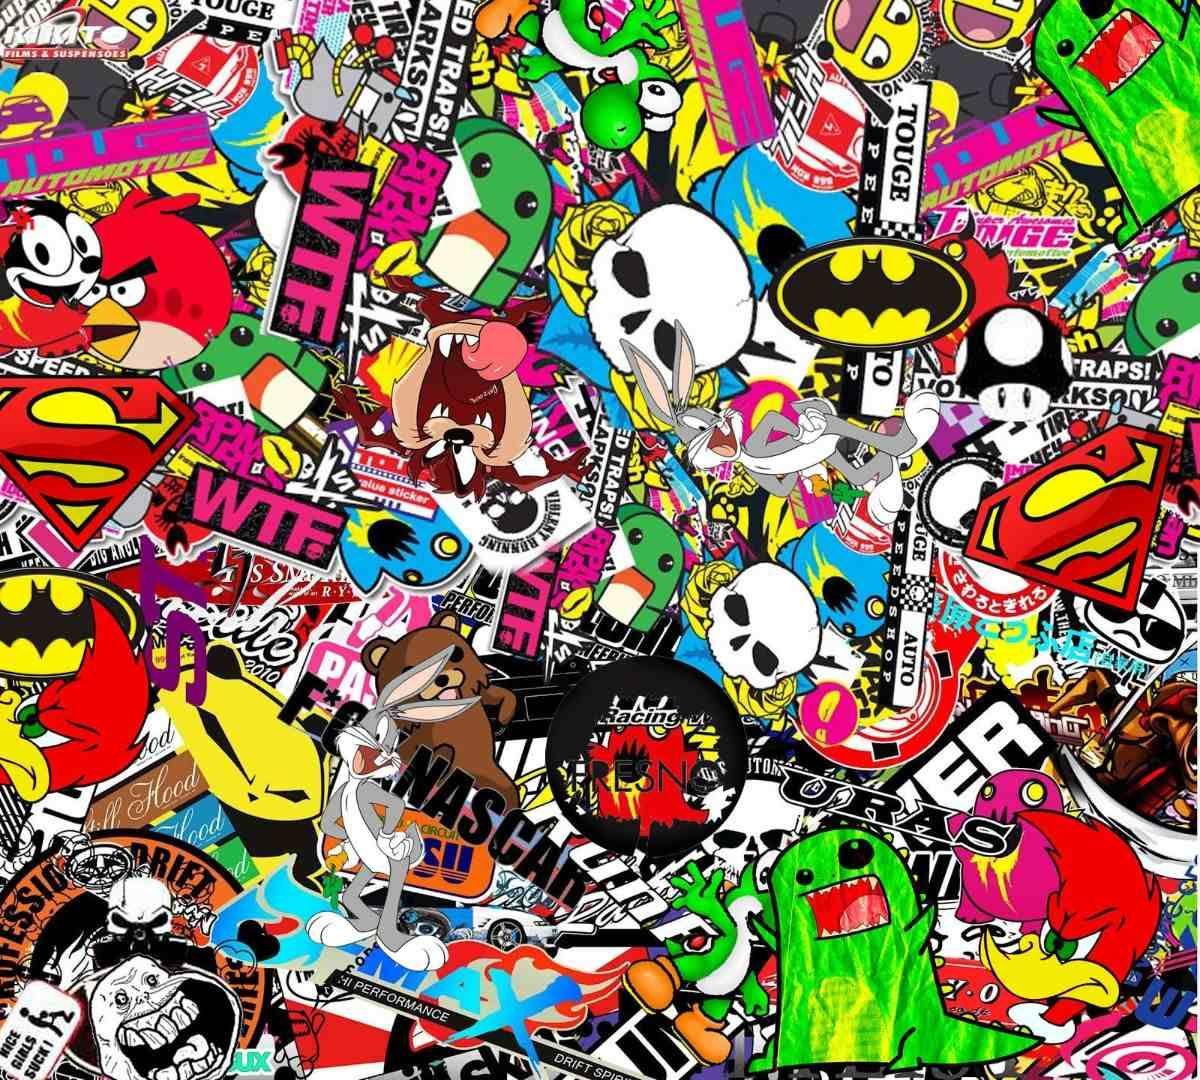 sticker bomb wallpaper